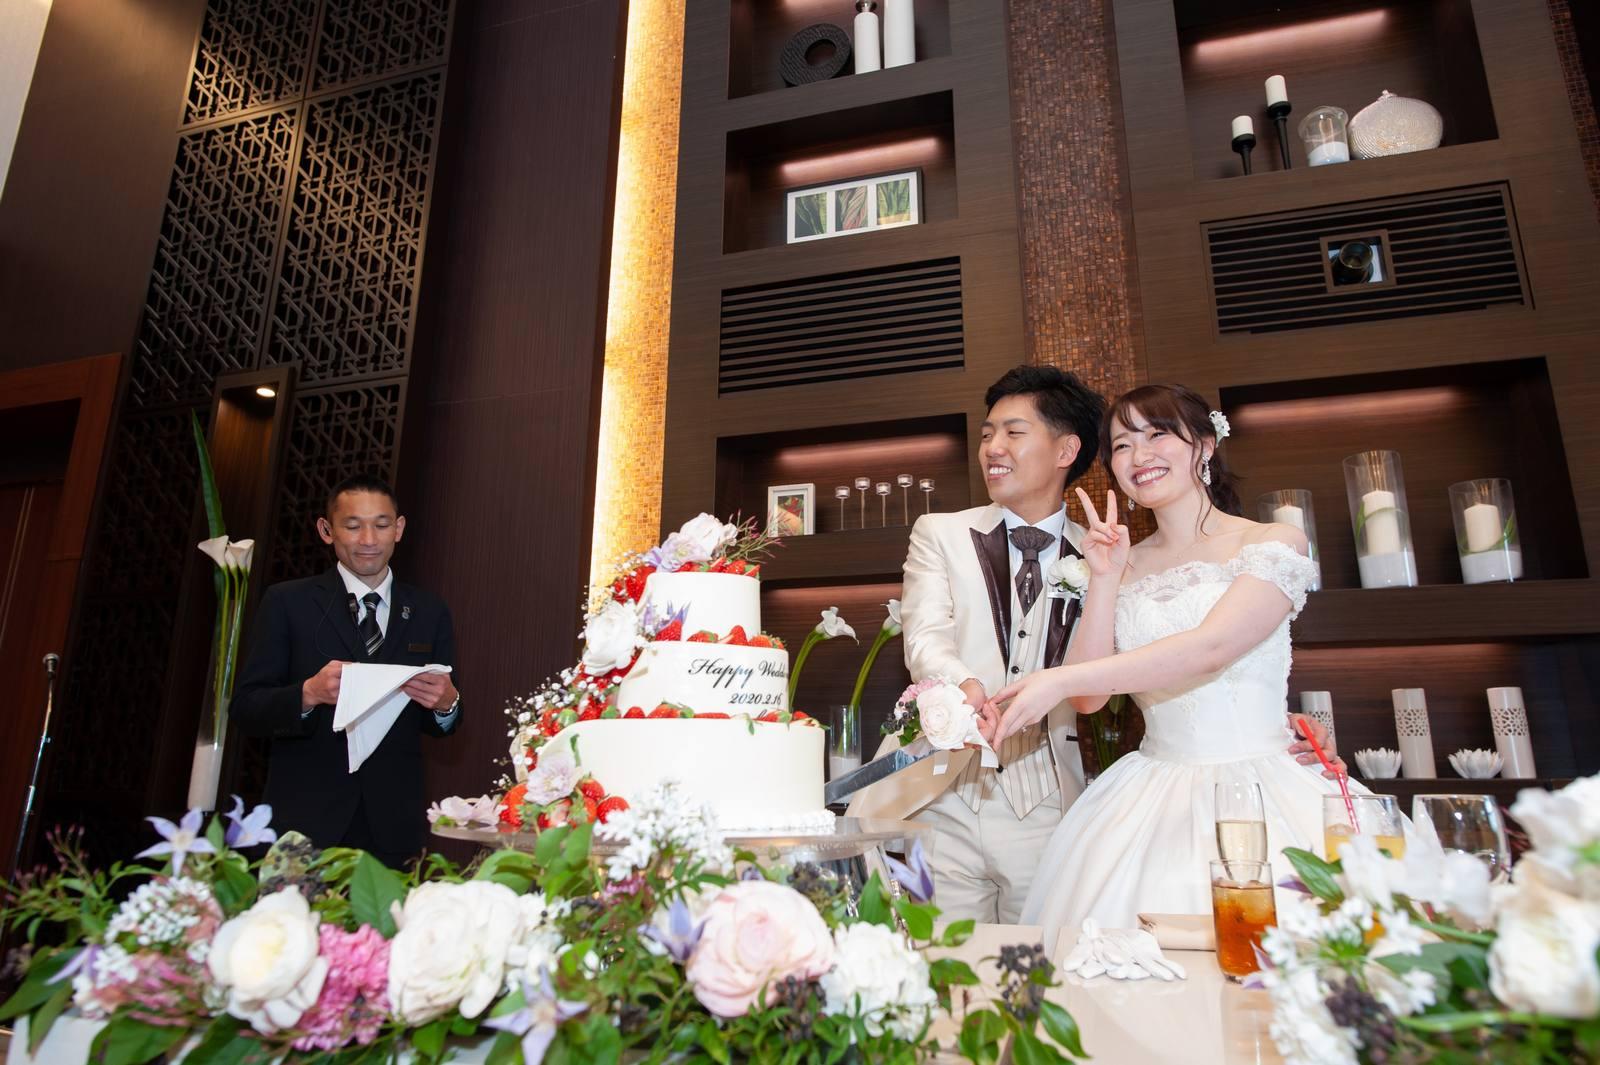 徳島県の結婚式場ブランアンジュの披露宴会場オリエラスイートでケーキ入刀をする新郎新婦